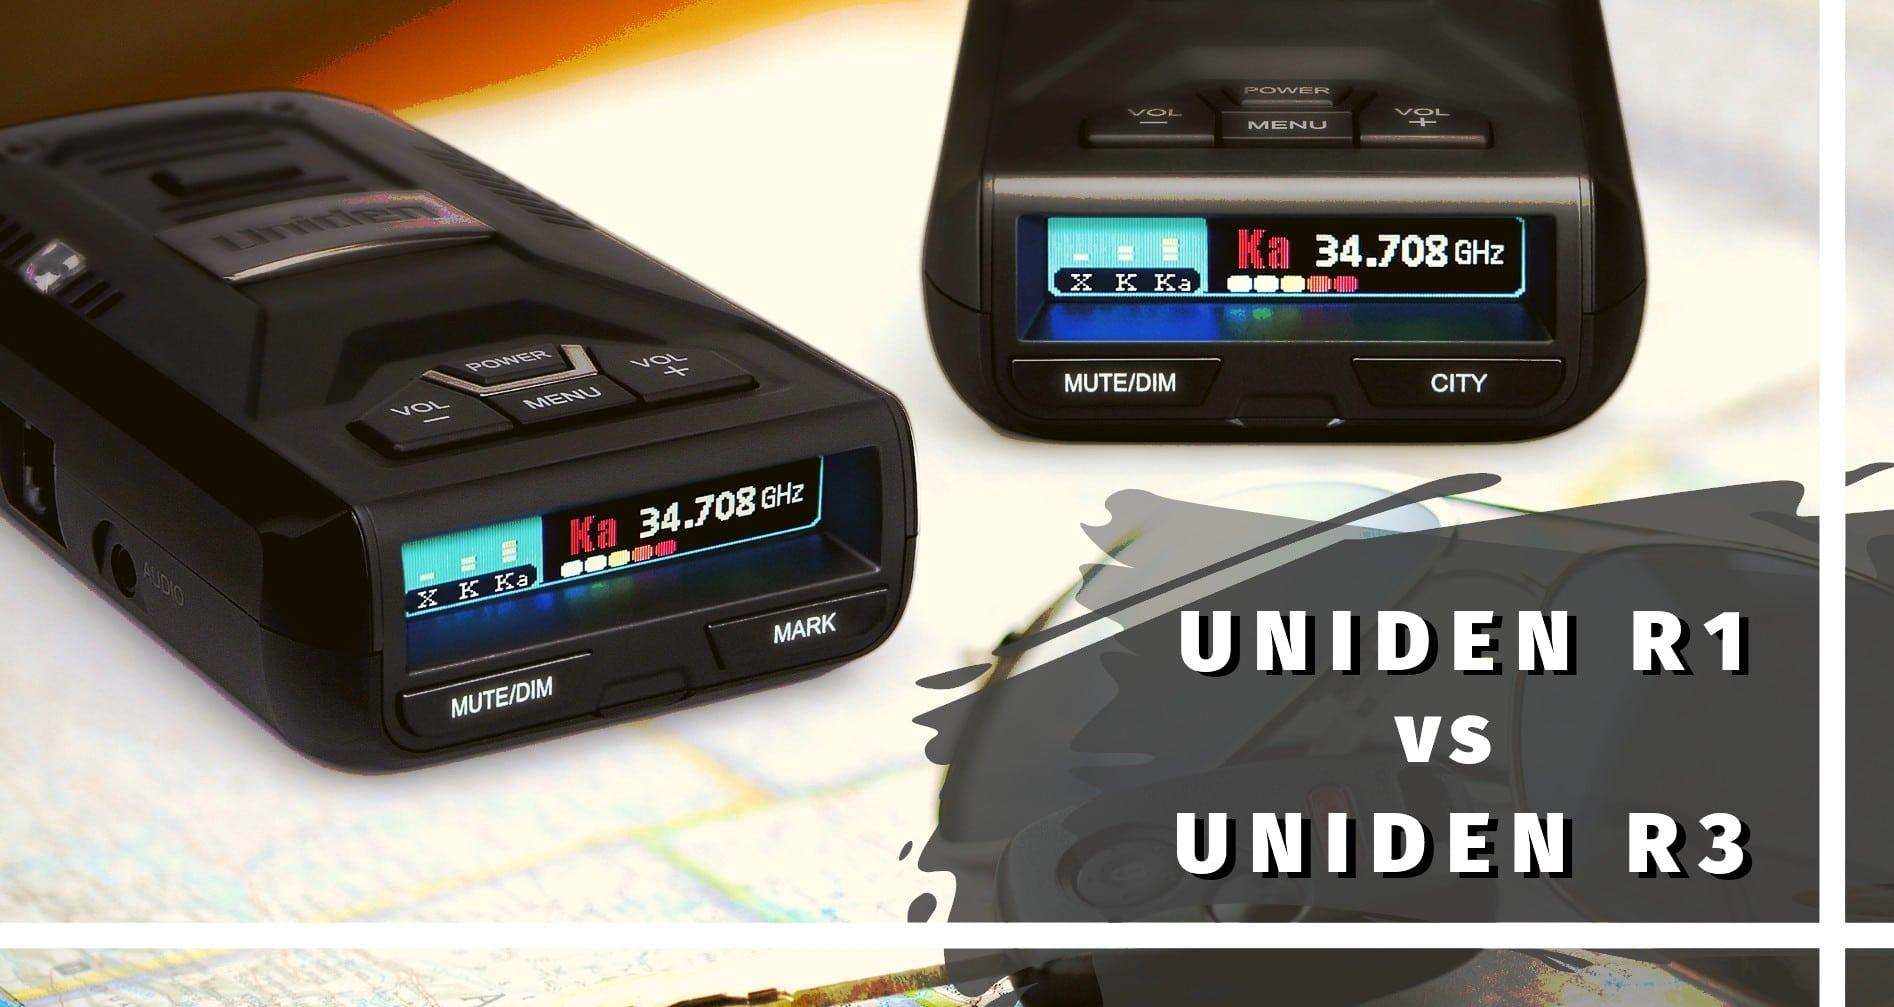 Uniden radar detectors R1 vs R3